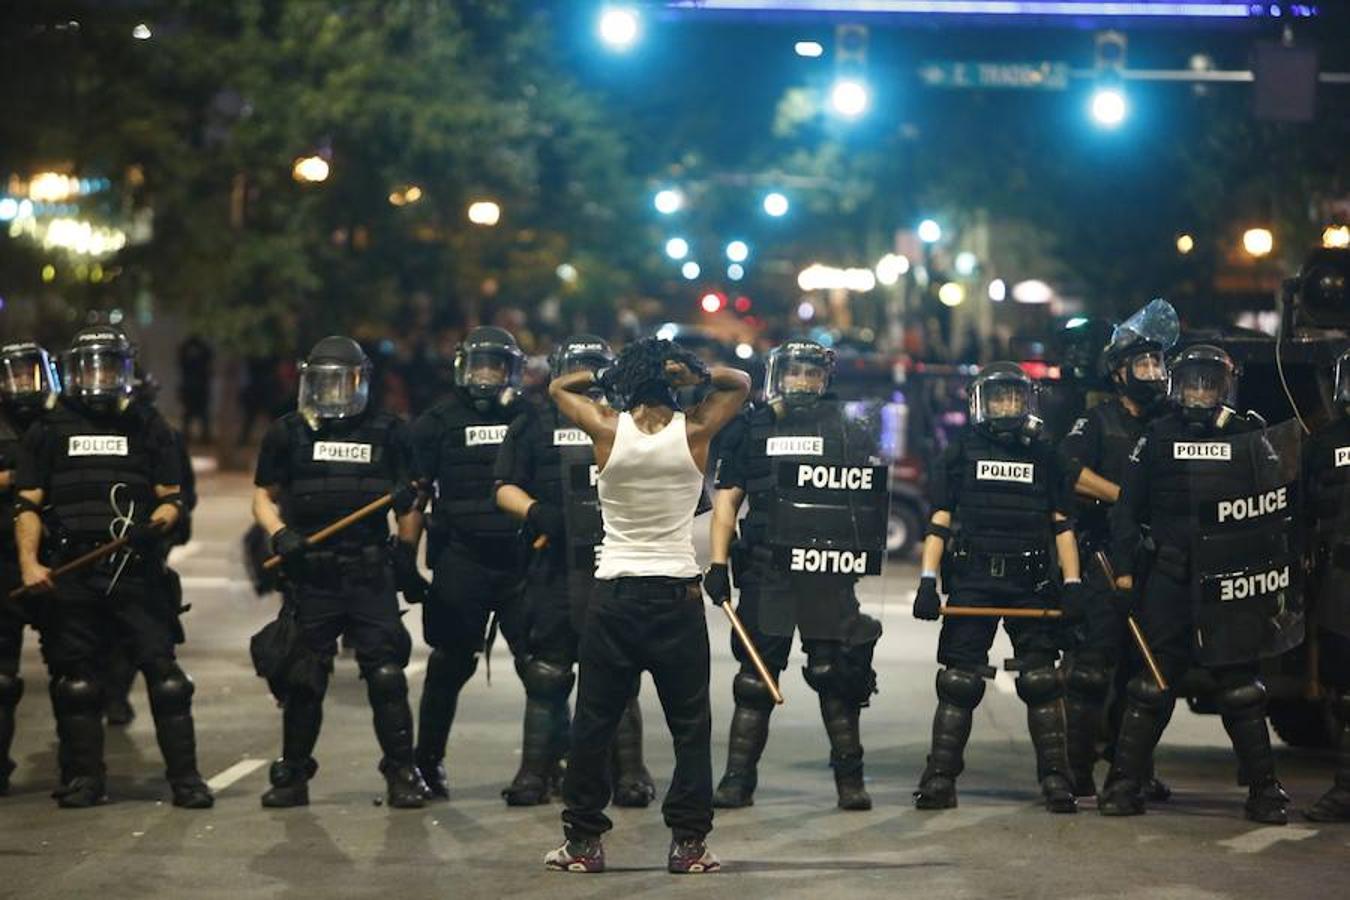 Un hombre negro protesta frente a un cordón policial en Charlotte, en Carolina del Norte